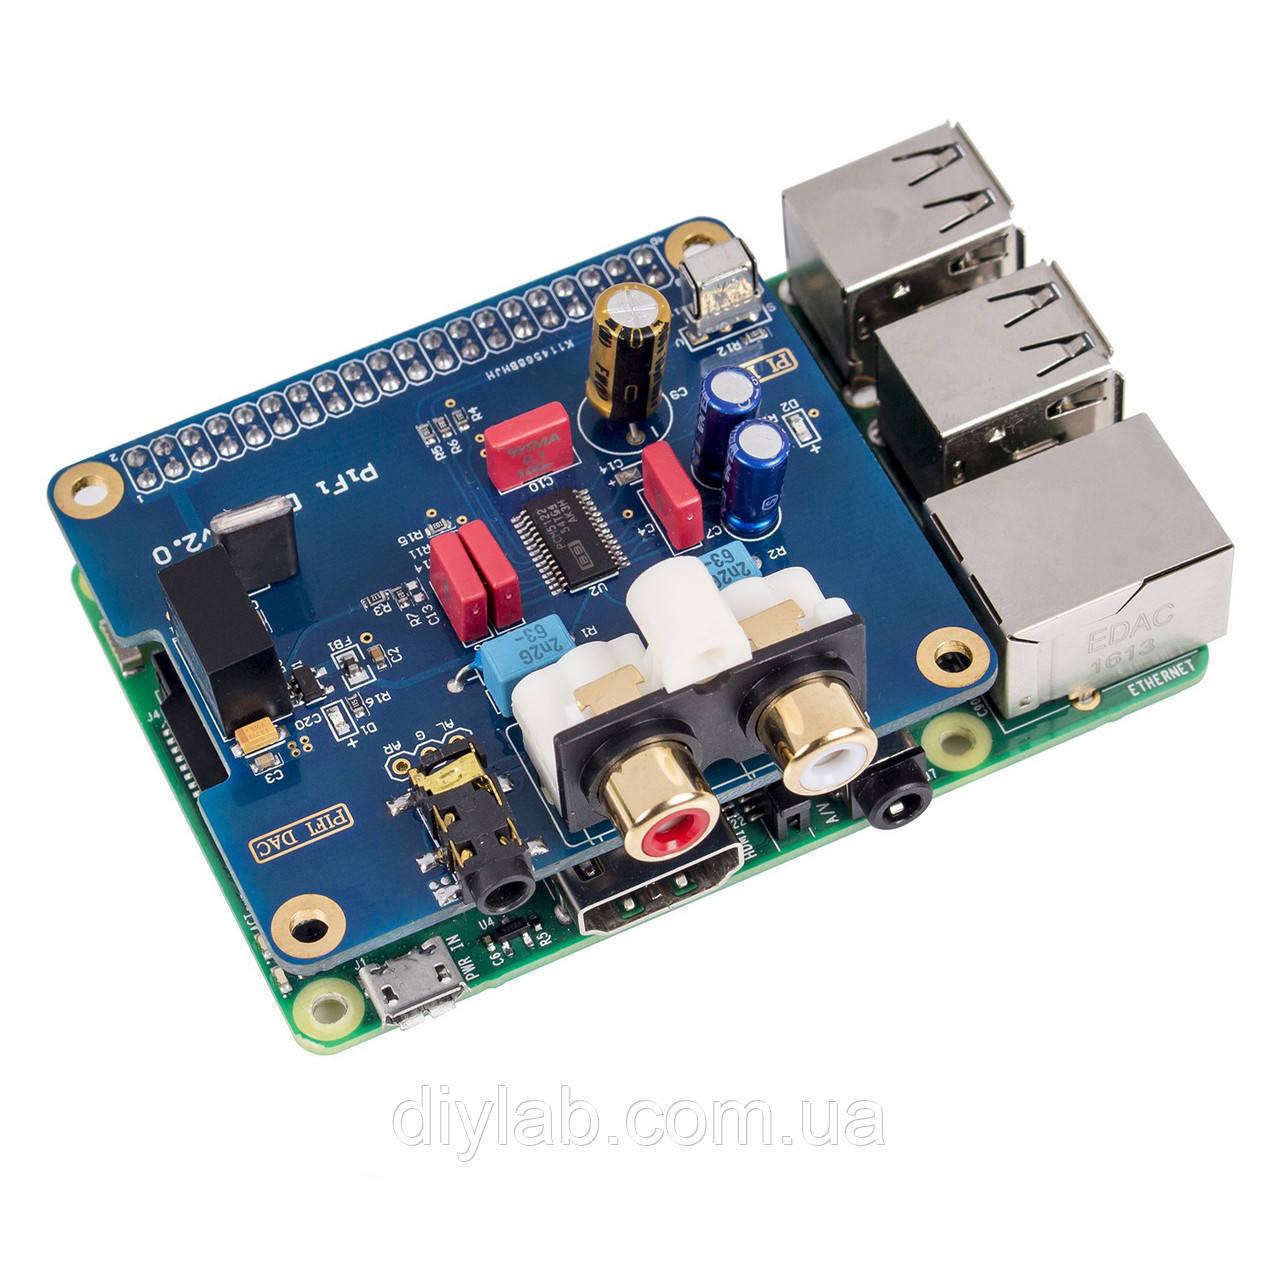 HI-FI DAC I2S PCM5122 звукова карта для Raspberry Pi (16-32bit, 384kHz), фото 1